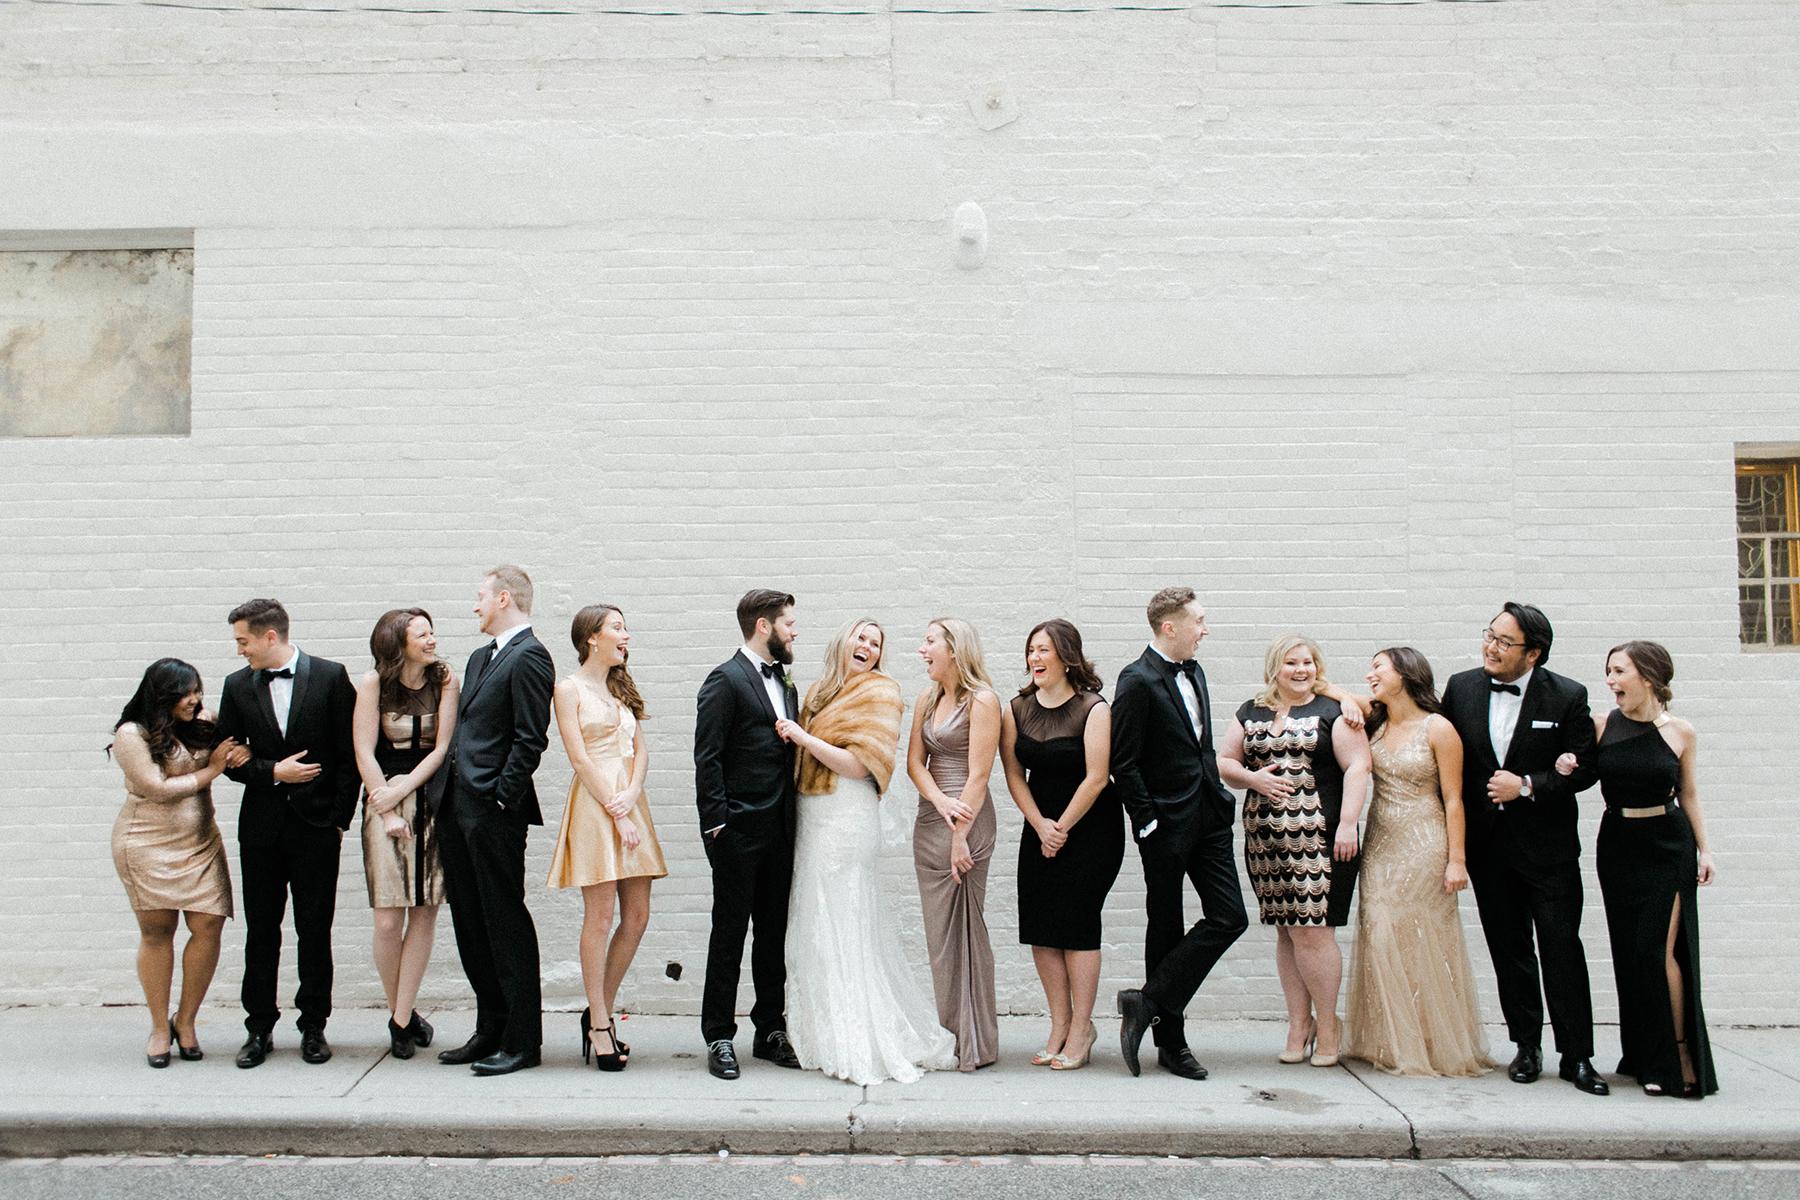 toronto-wedding-photographer-richelle-hunter-lauren-seb-12.jpg